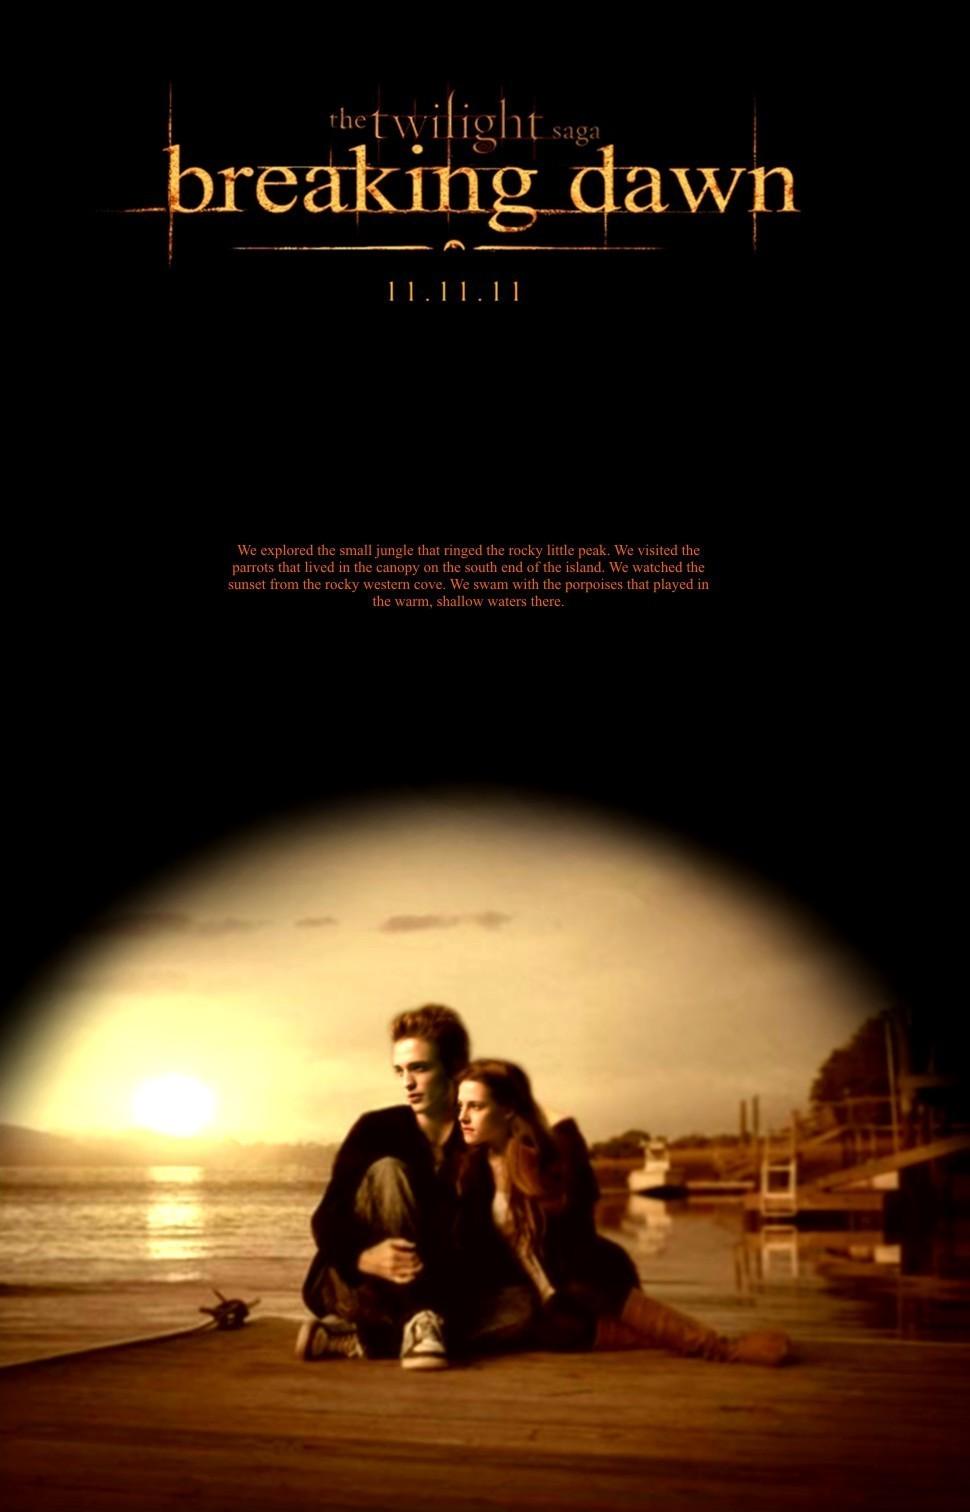 http://1.bp.blogspot.com/_qVZXF-EQ_EA/S8WiNrzrHsI/AAAAAAAABdI/jQh7-99QZ_M/s1600/Breaking-Dawn-poster-fanmade-breaking-dawn-6414780-970-1512.jpg